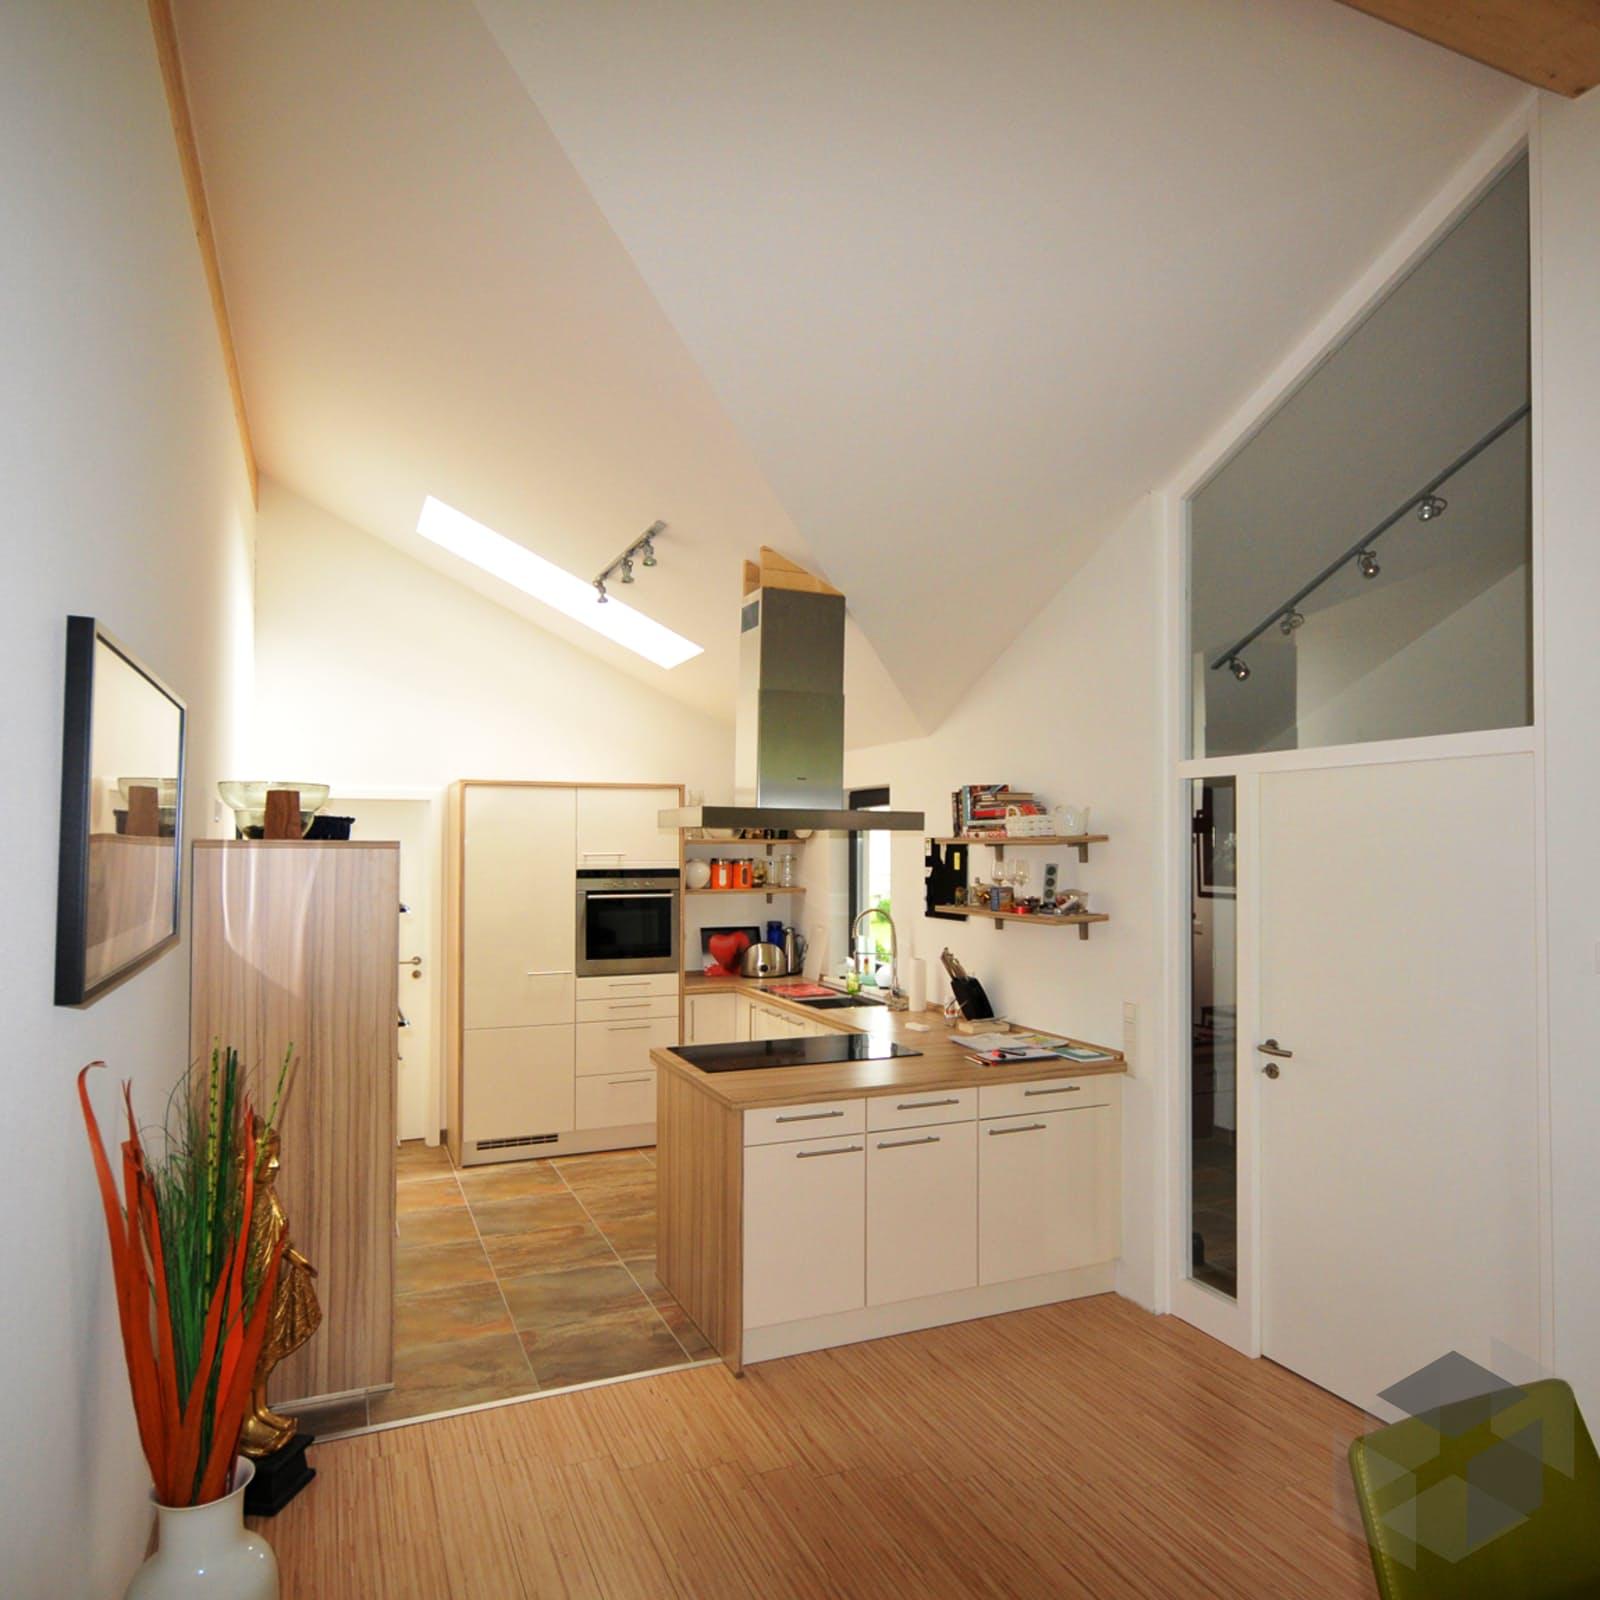 natalie 2 kfw effizienzhaus 40 von dammann haus. Black Bedroom Furniture Sets. Home Design Ideas